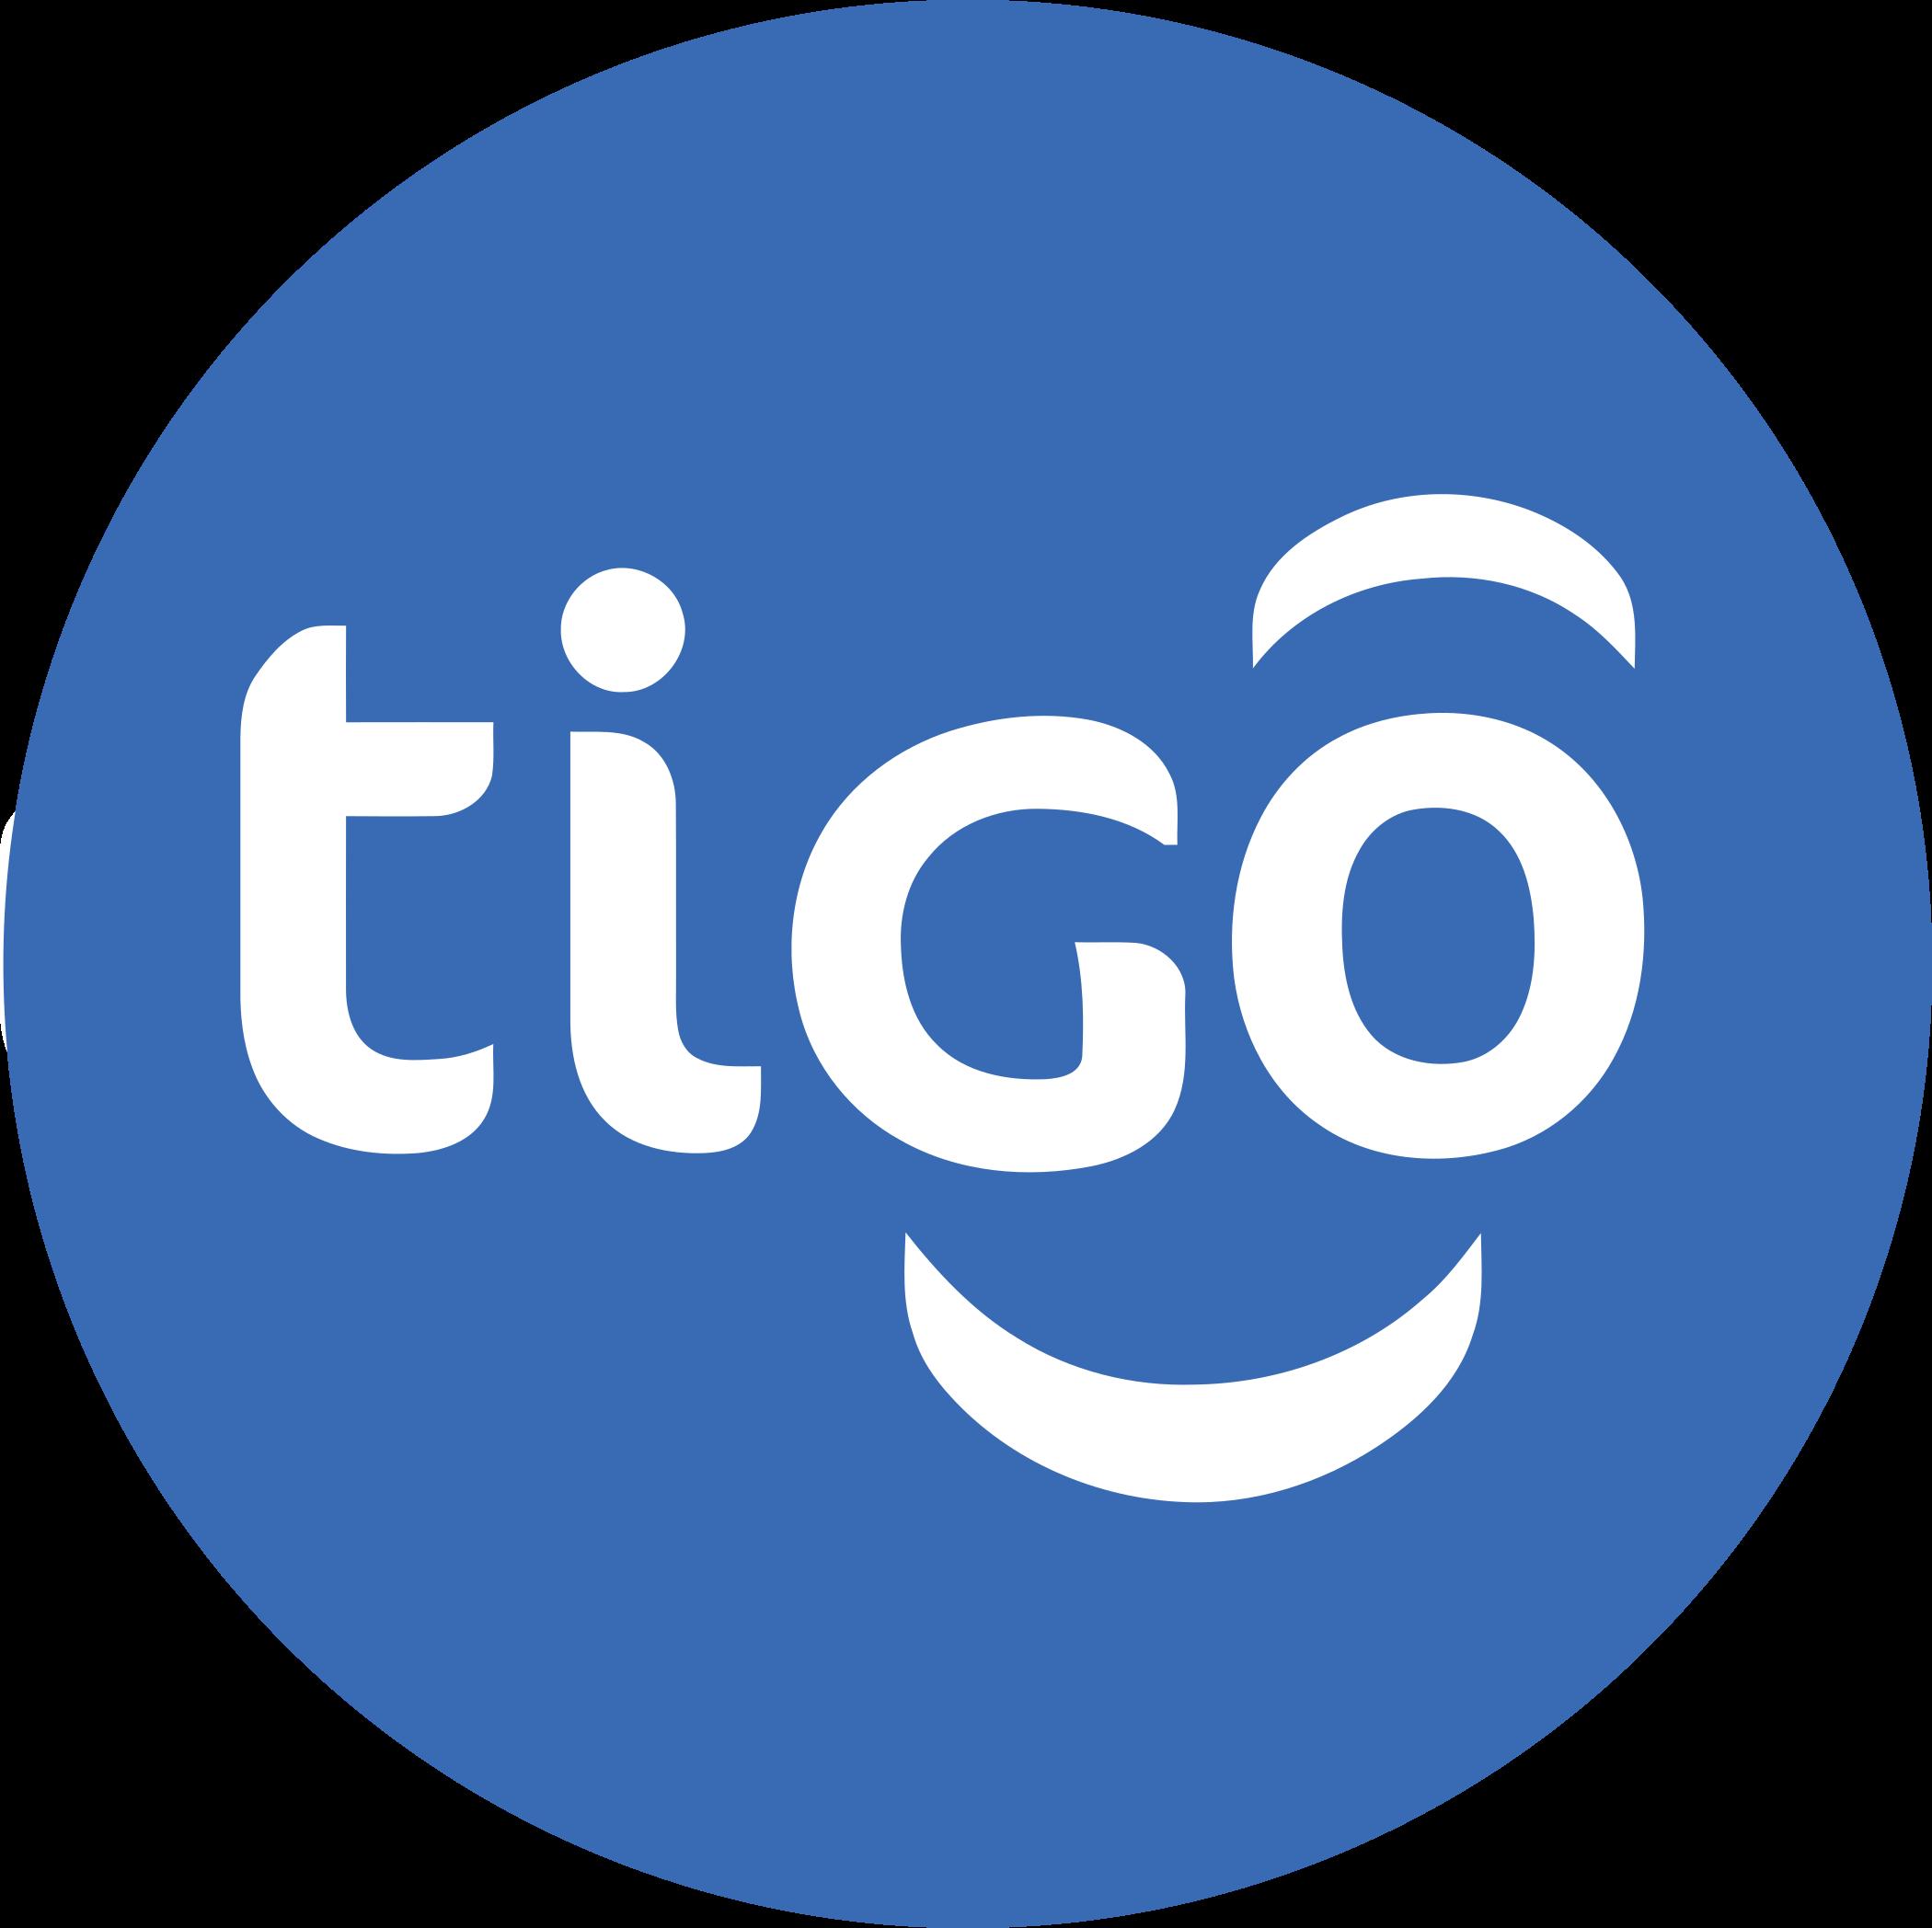 tigo logo 3 - Tigo Logo